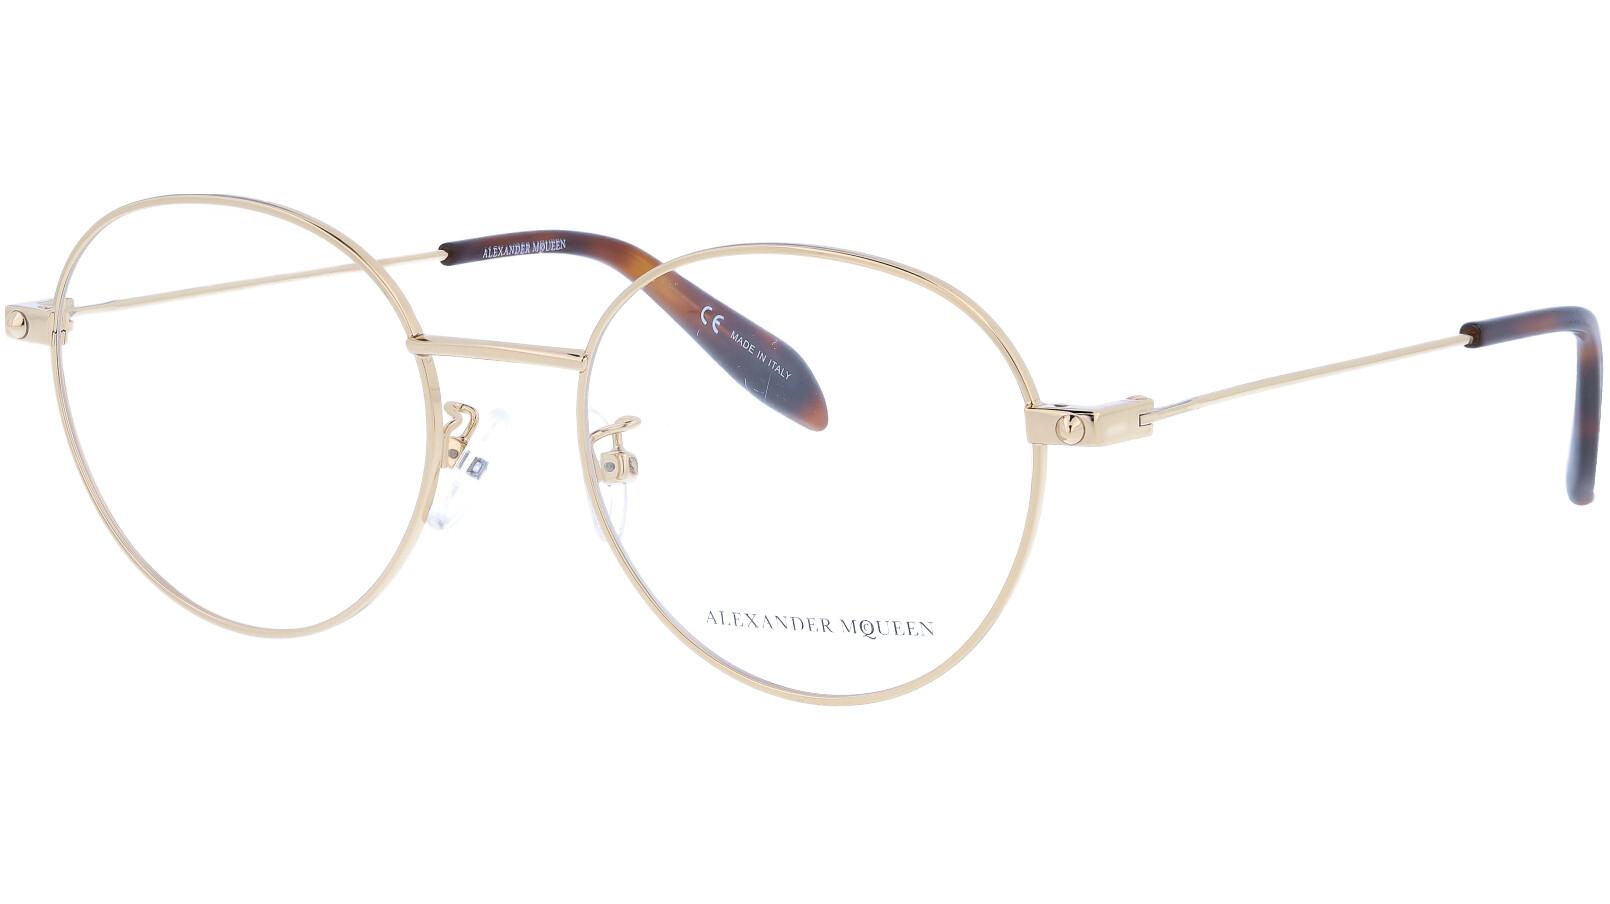 Alexander McQueen AM0141OA 002 52 GOLD Glasses